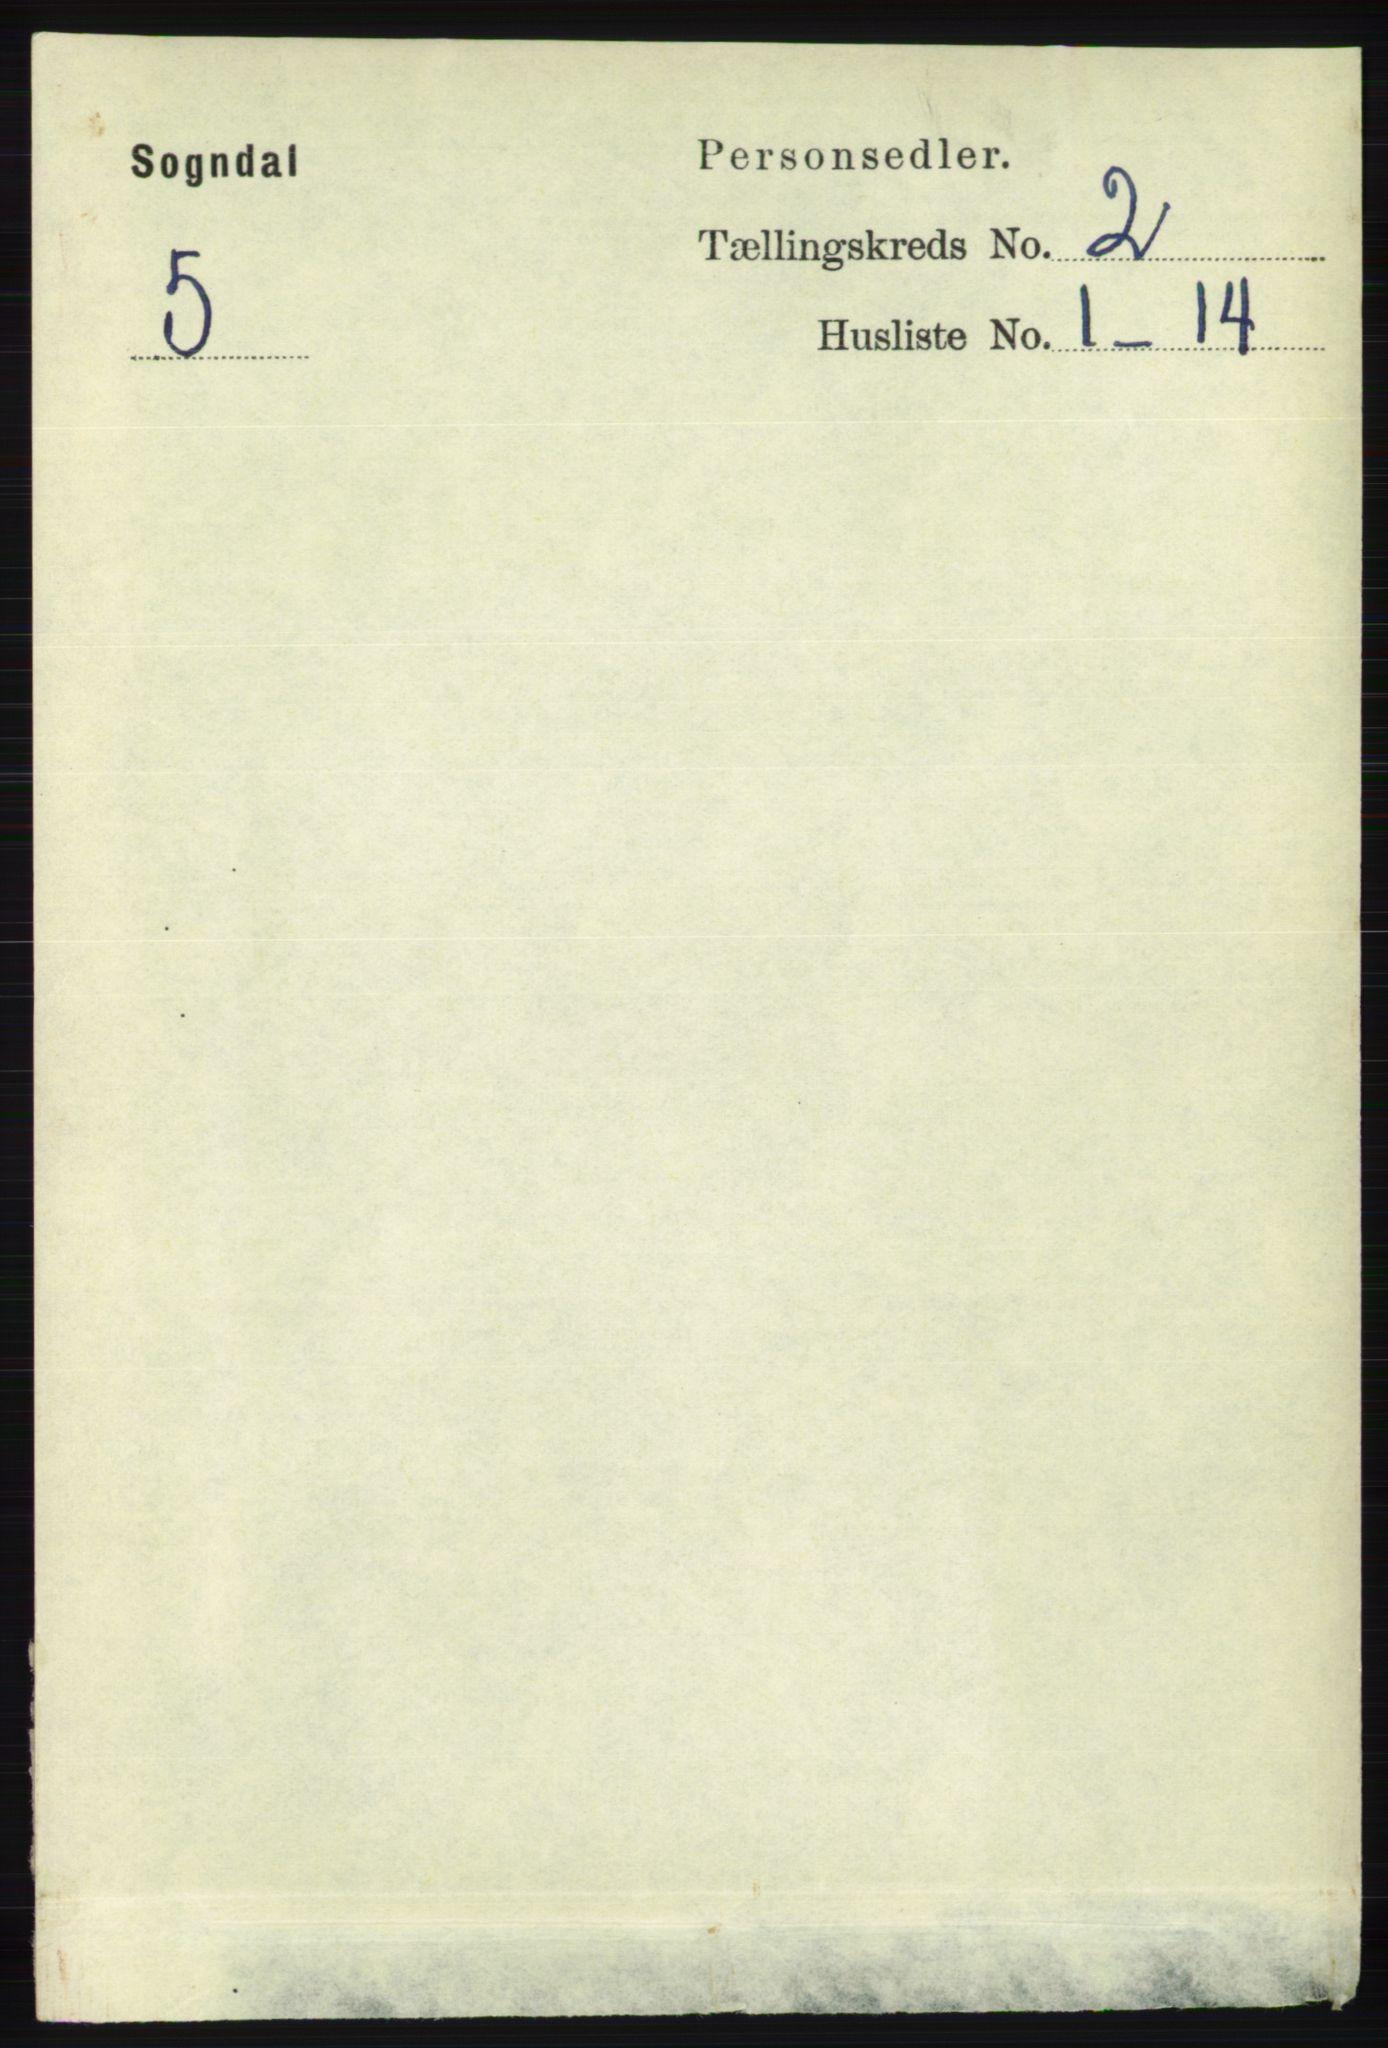 RA, Folketelling 1891 for 1111 Sokndal herred, 1891, s. 465